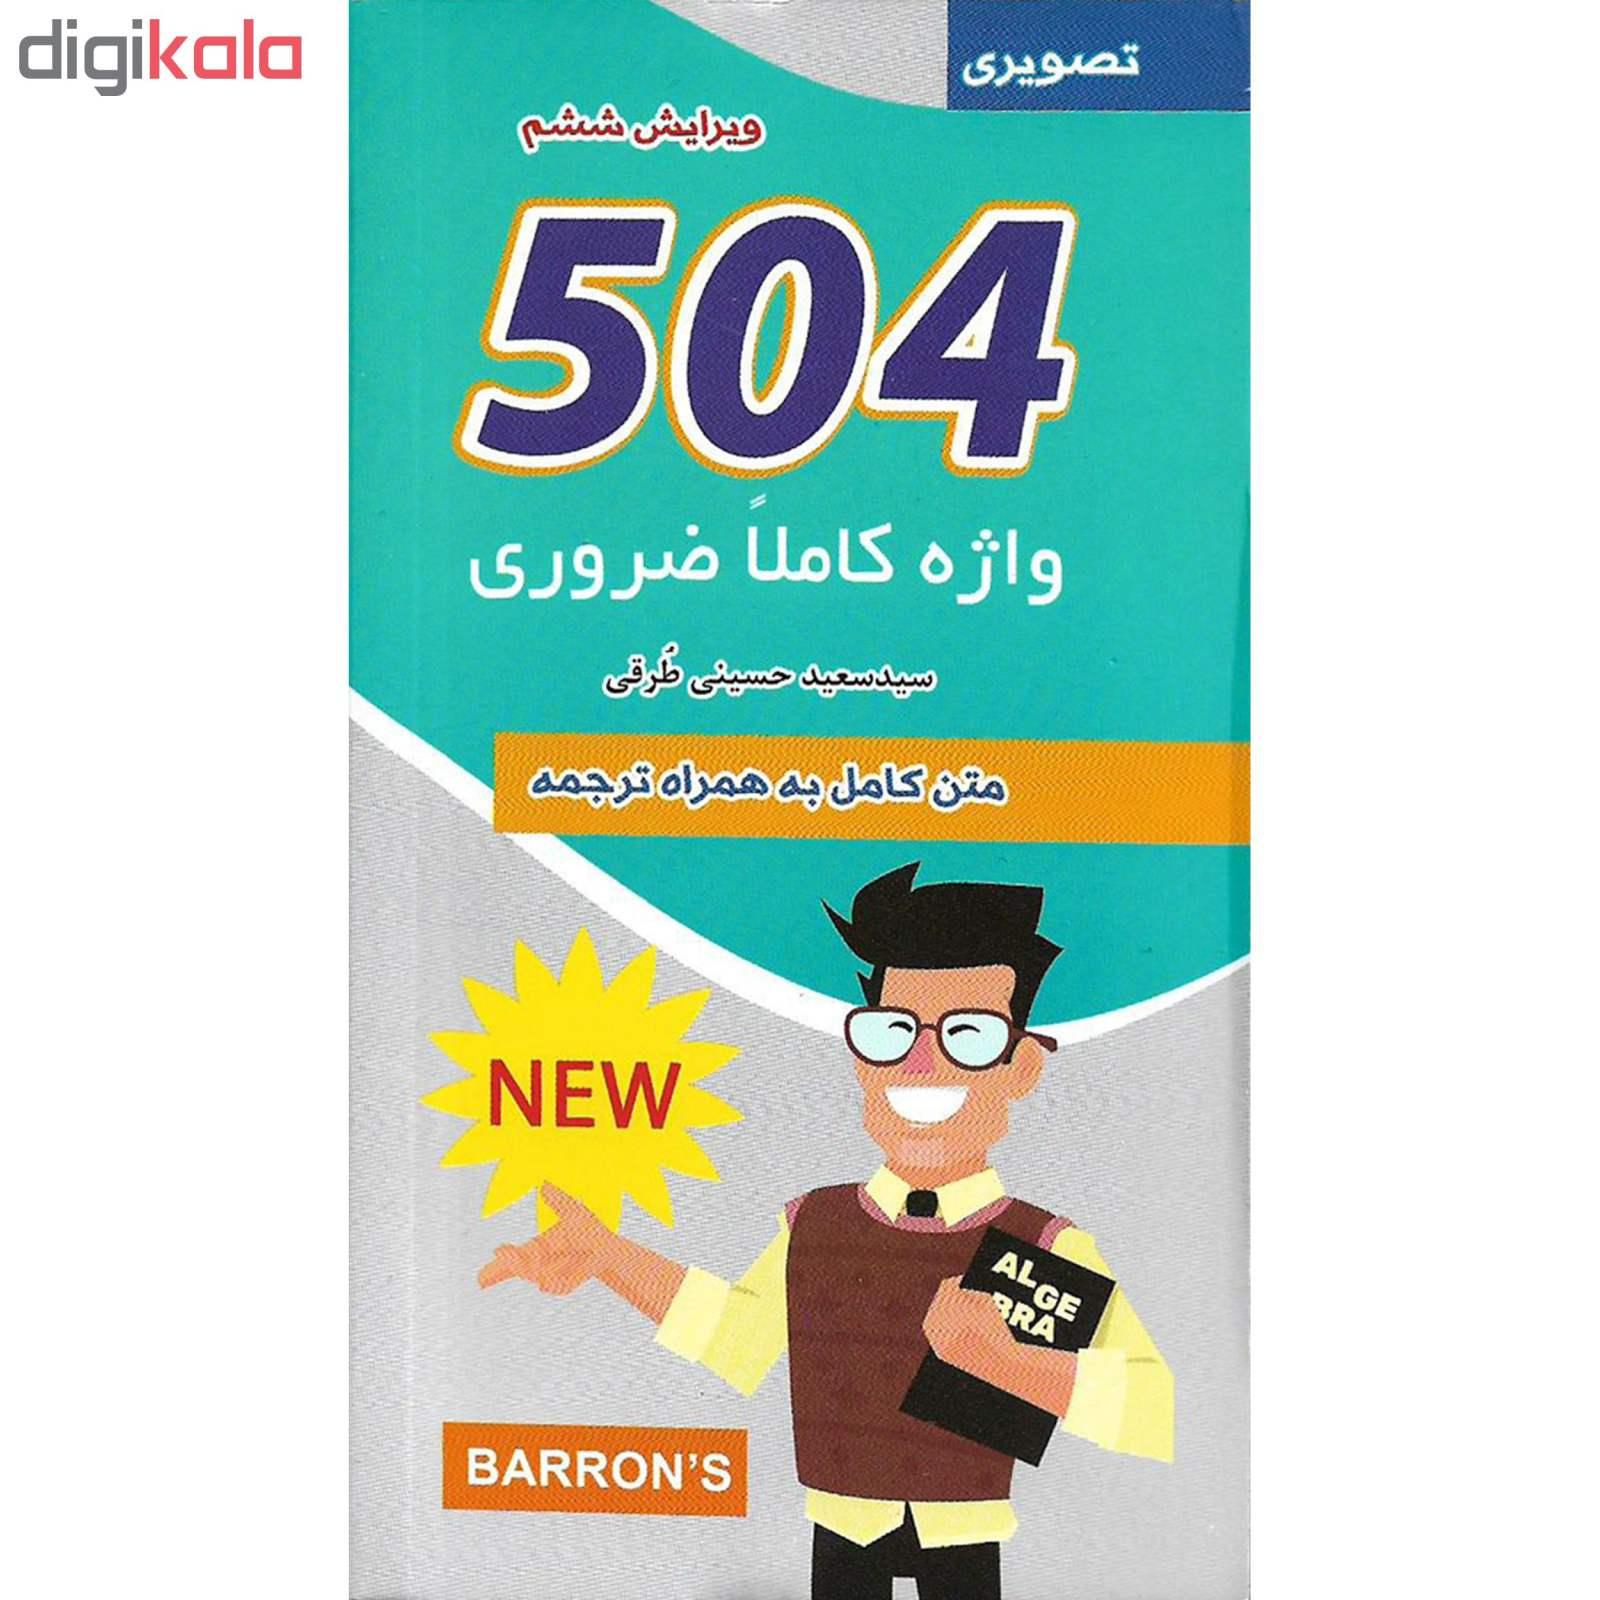 کتاب 504 واژه کاملا ضروری اثر جمعی از نویسندگان نشر علم و دانش thumb 1